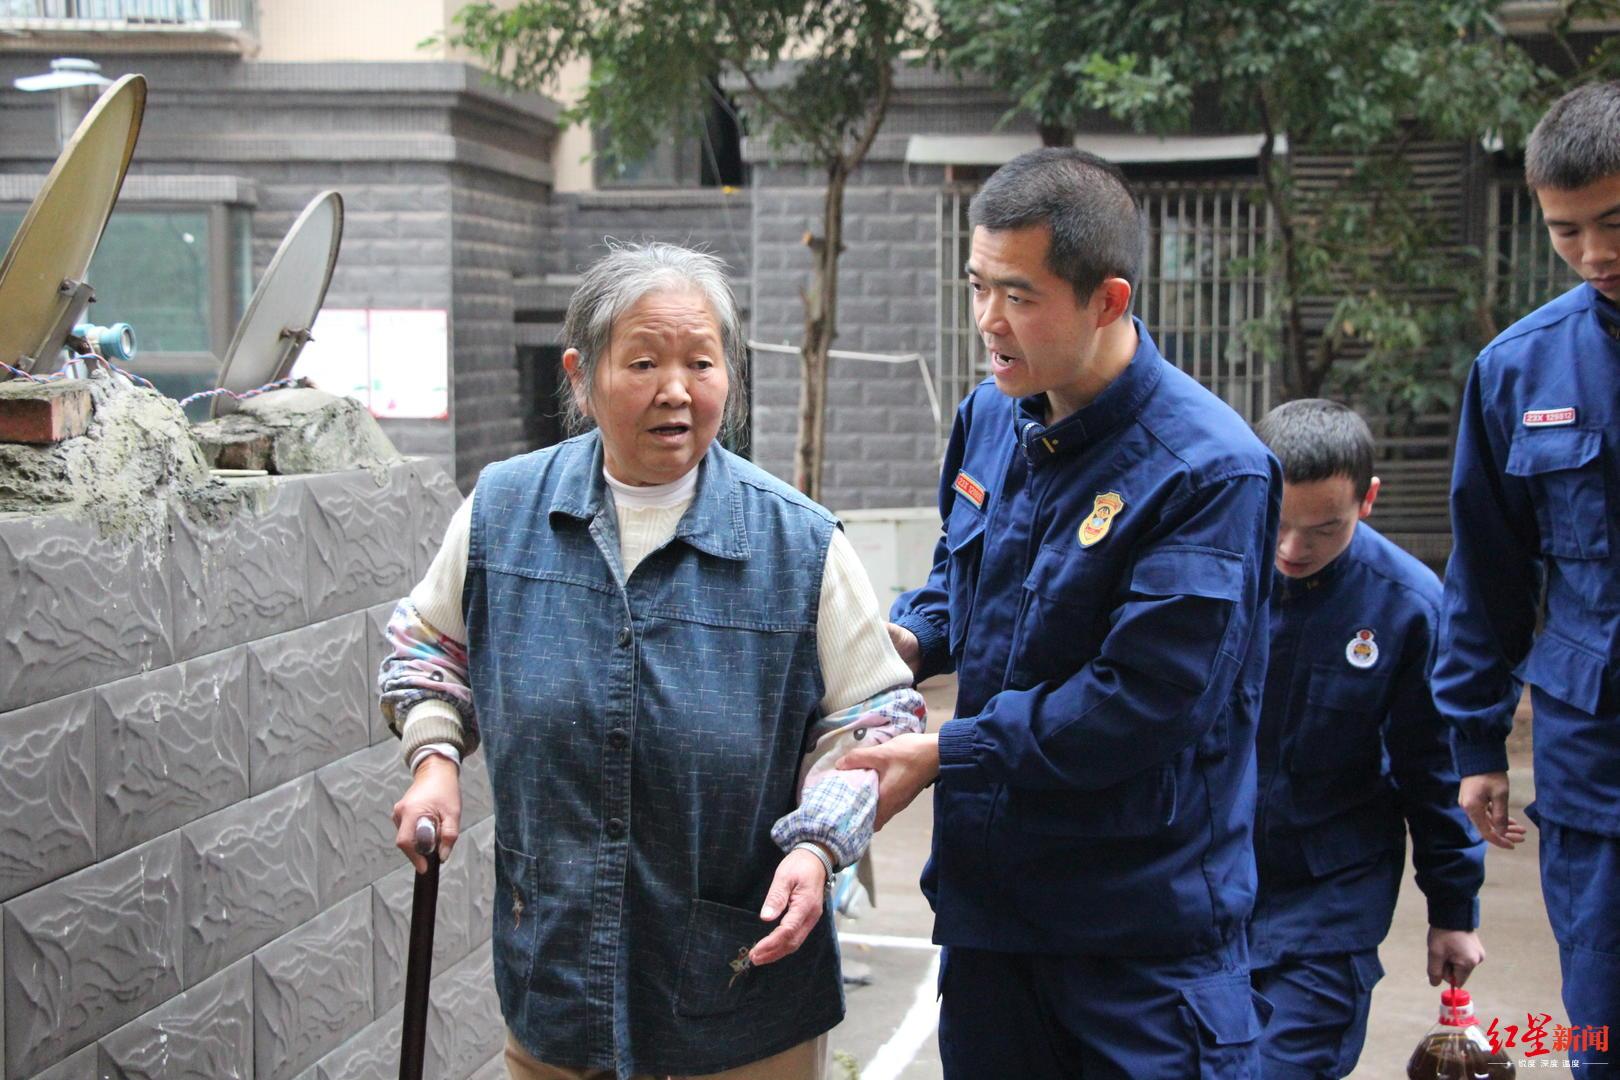 中国梦我的梦手抄报内容68岁奶奶耗时1年绣鞋垫